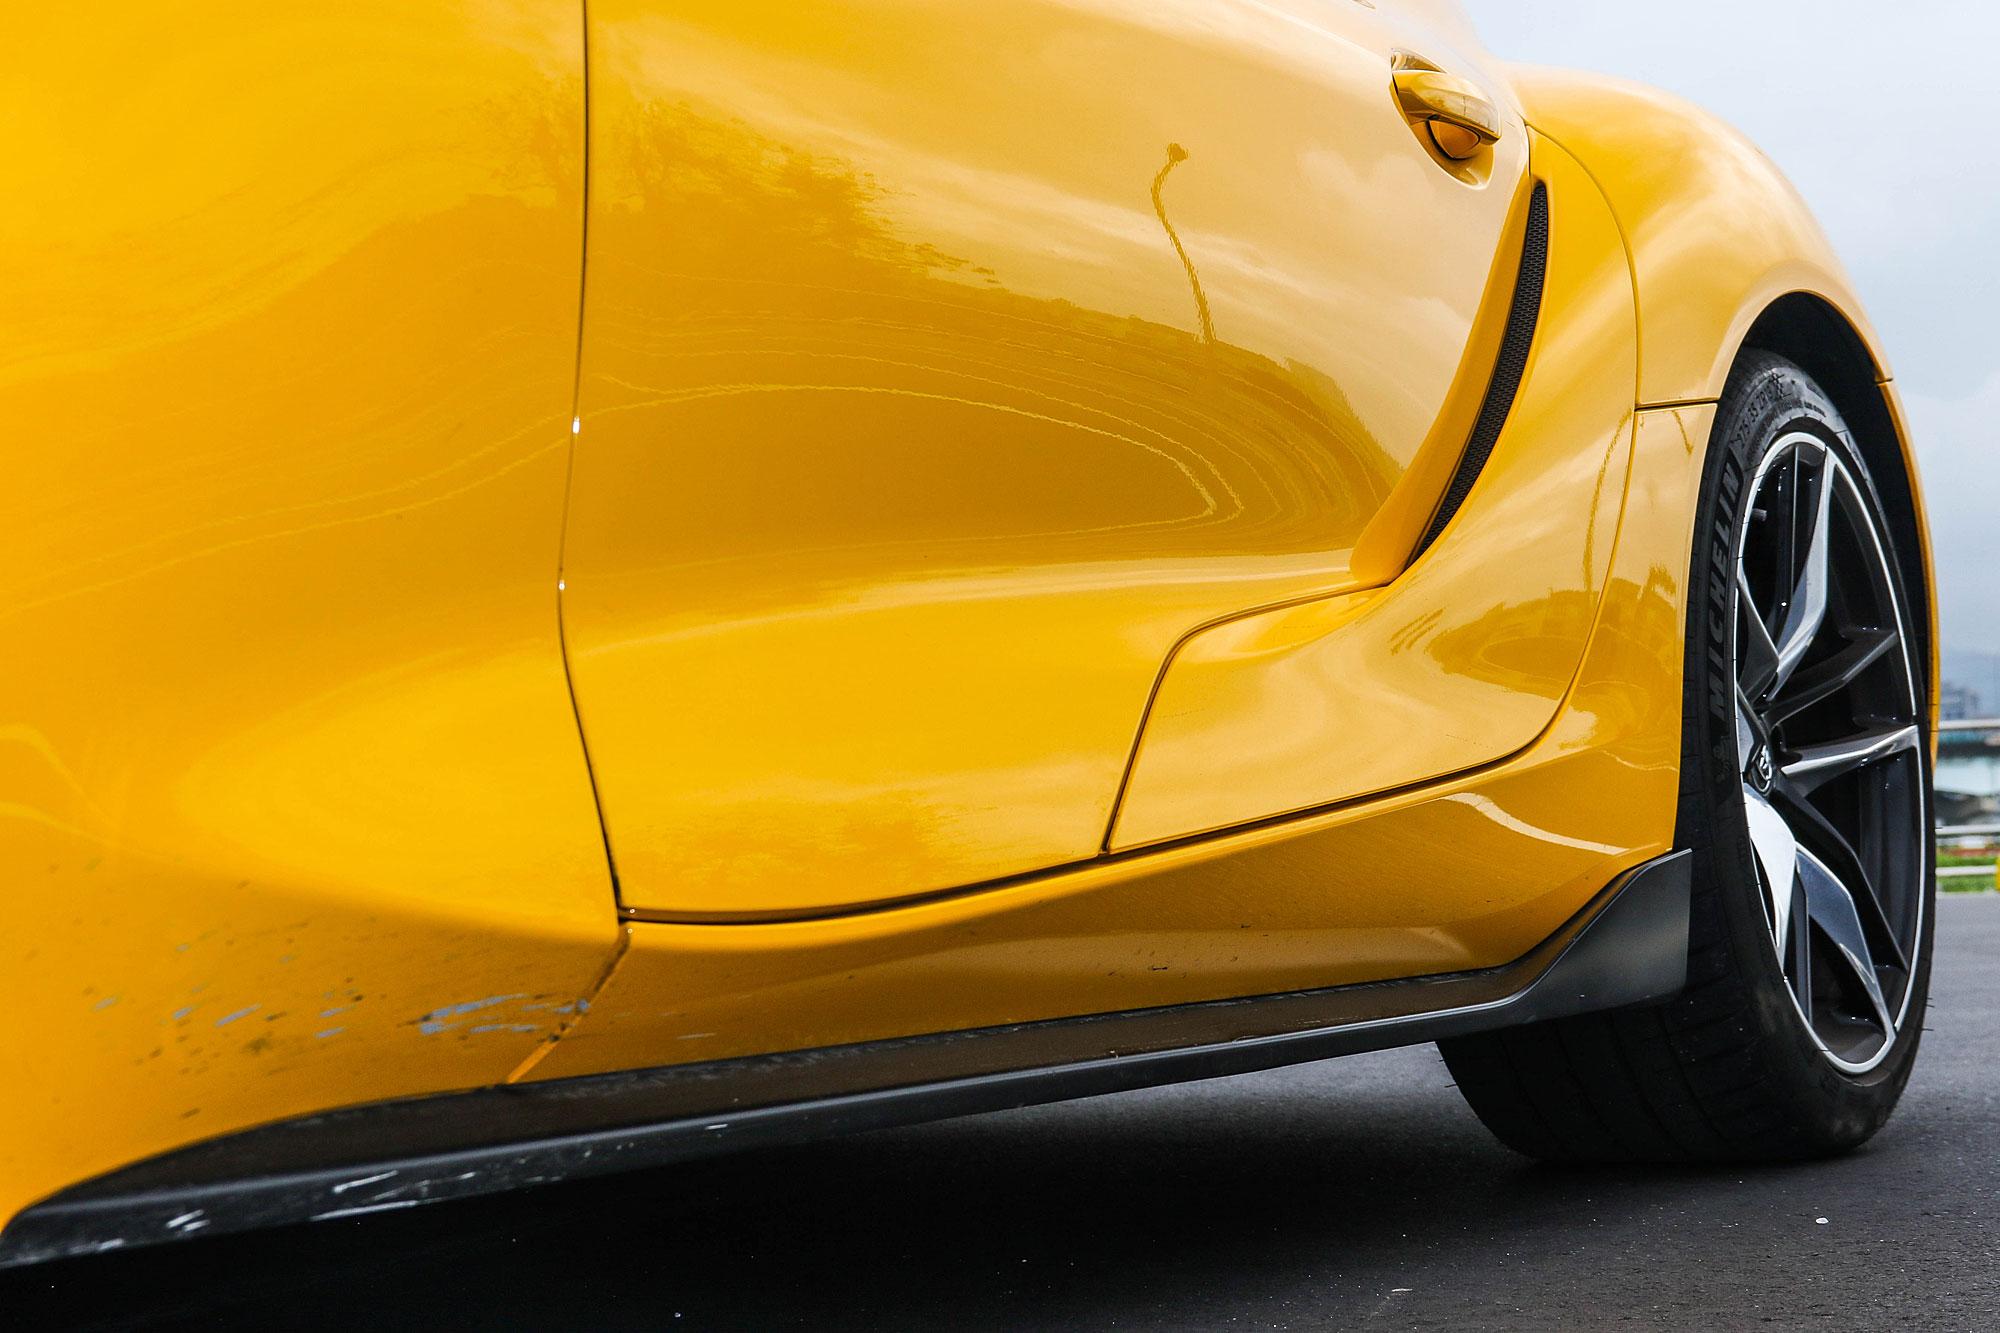 車側除了凸出的側裙之外,也有通氣孔裝飾。